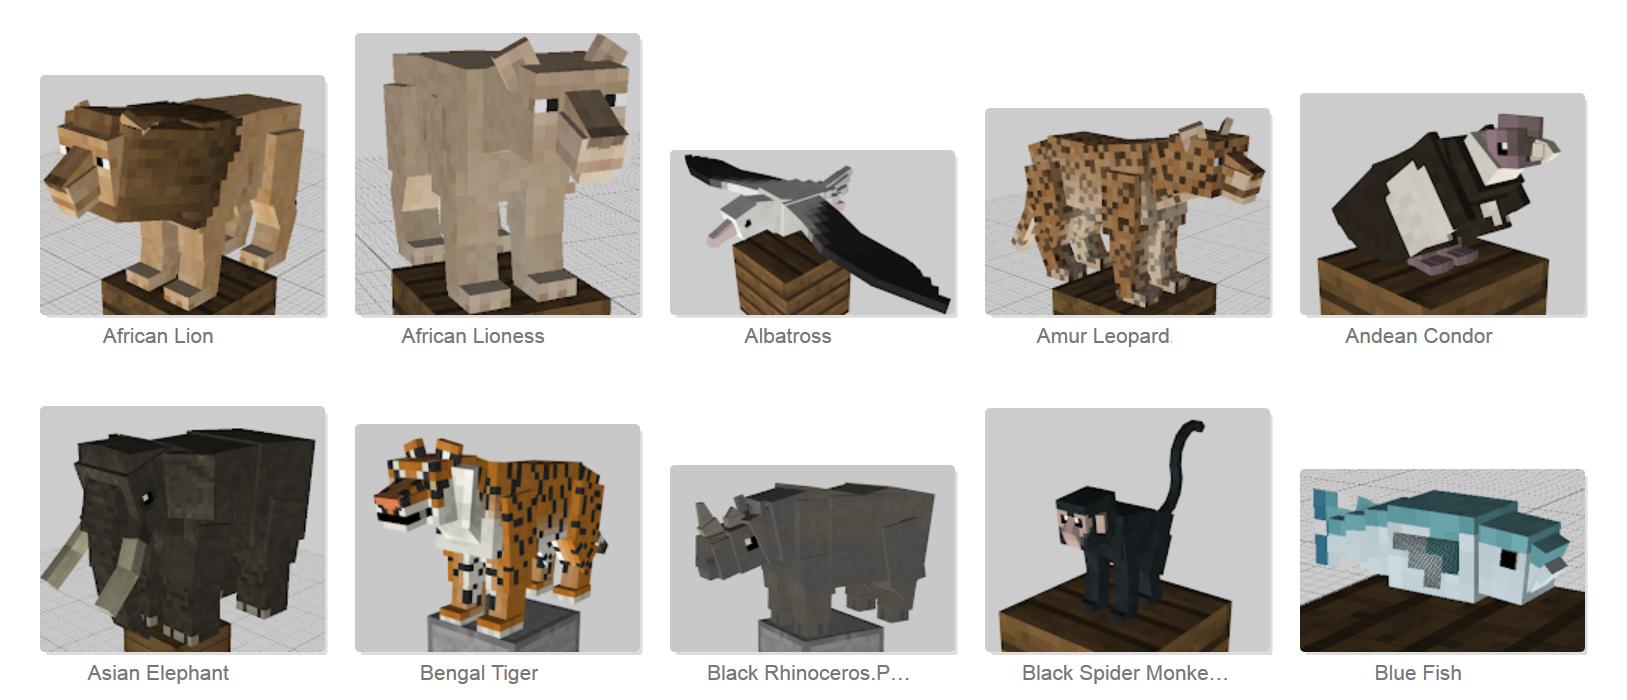 Zawa Minecraft Mod Wiki | Pics | Download |